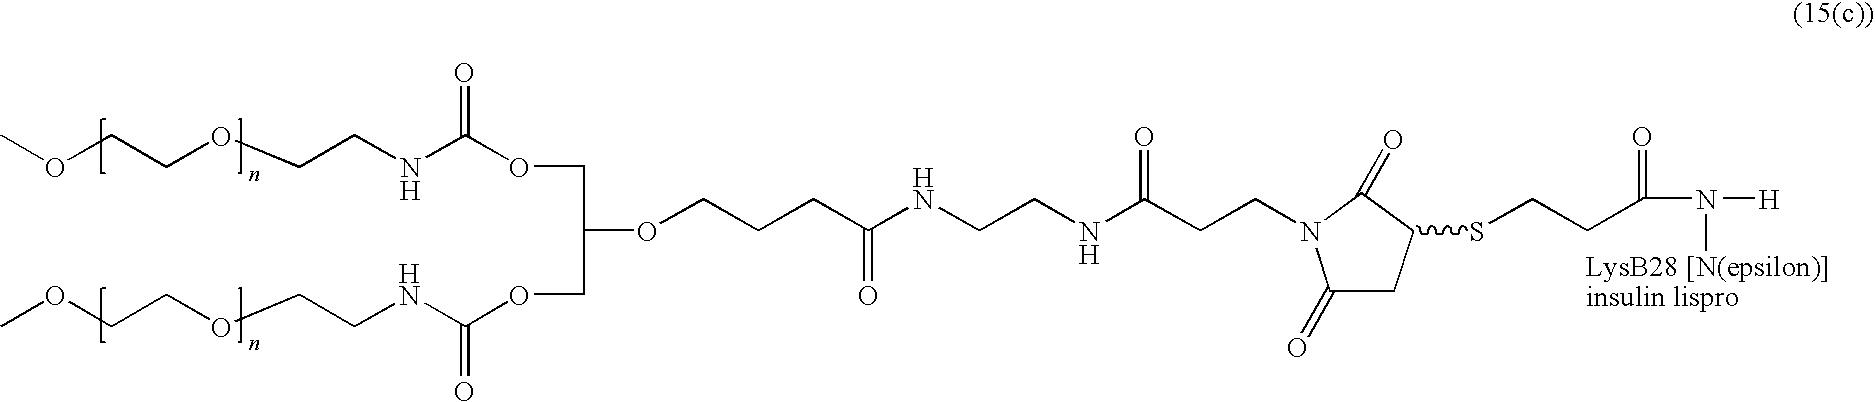 Figure US20090312236A1-20091217-C00004